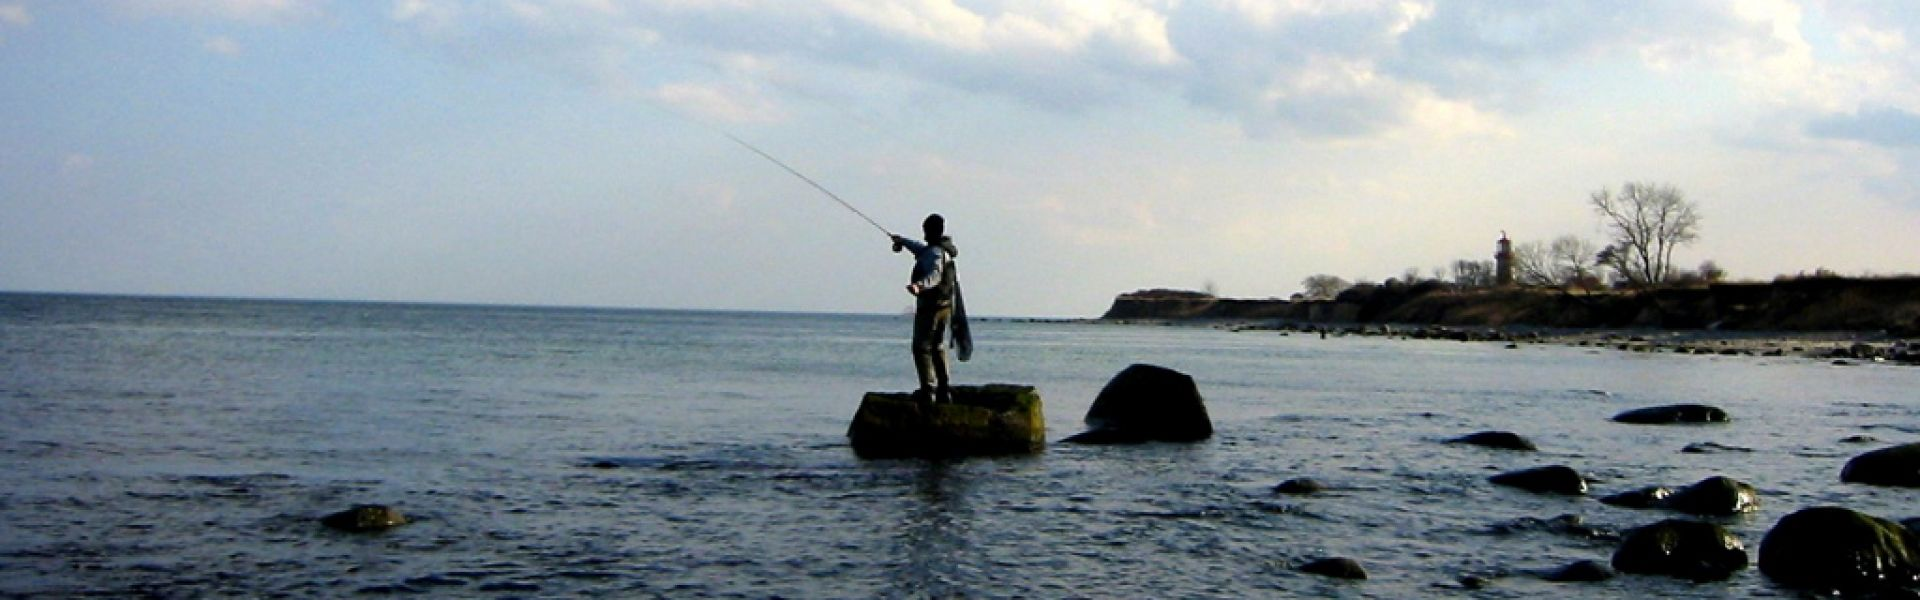 Horrocks e.V. | John Horrocks e.V. – Fliegenfischen